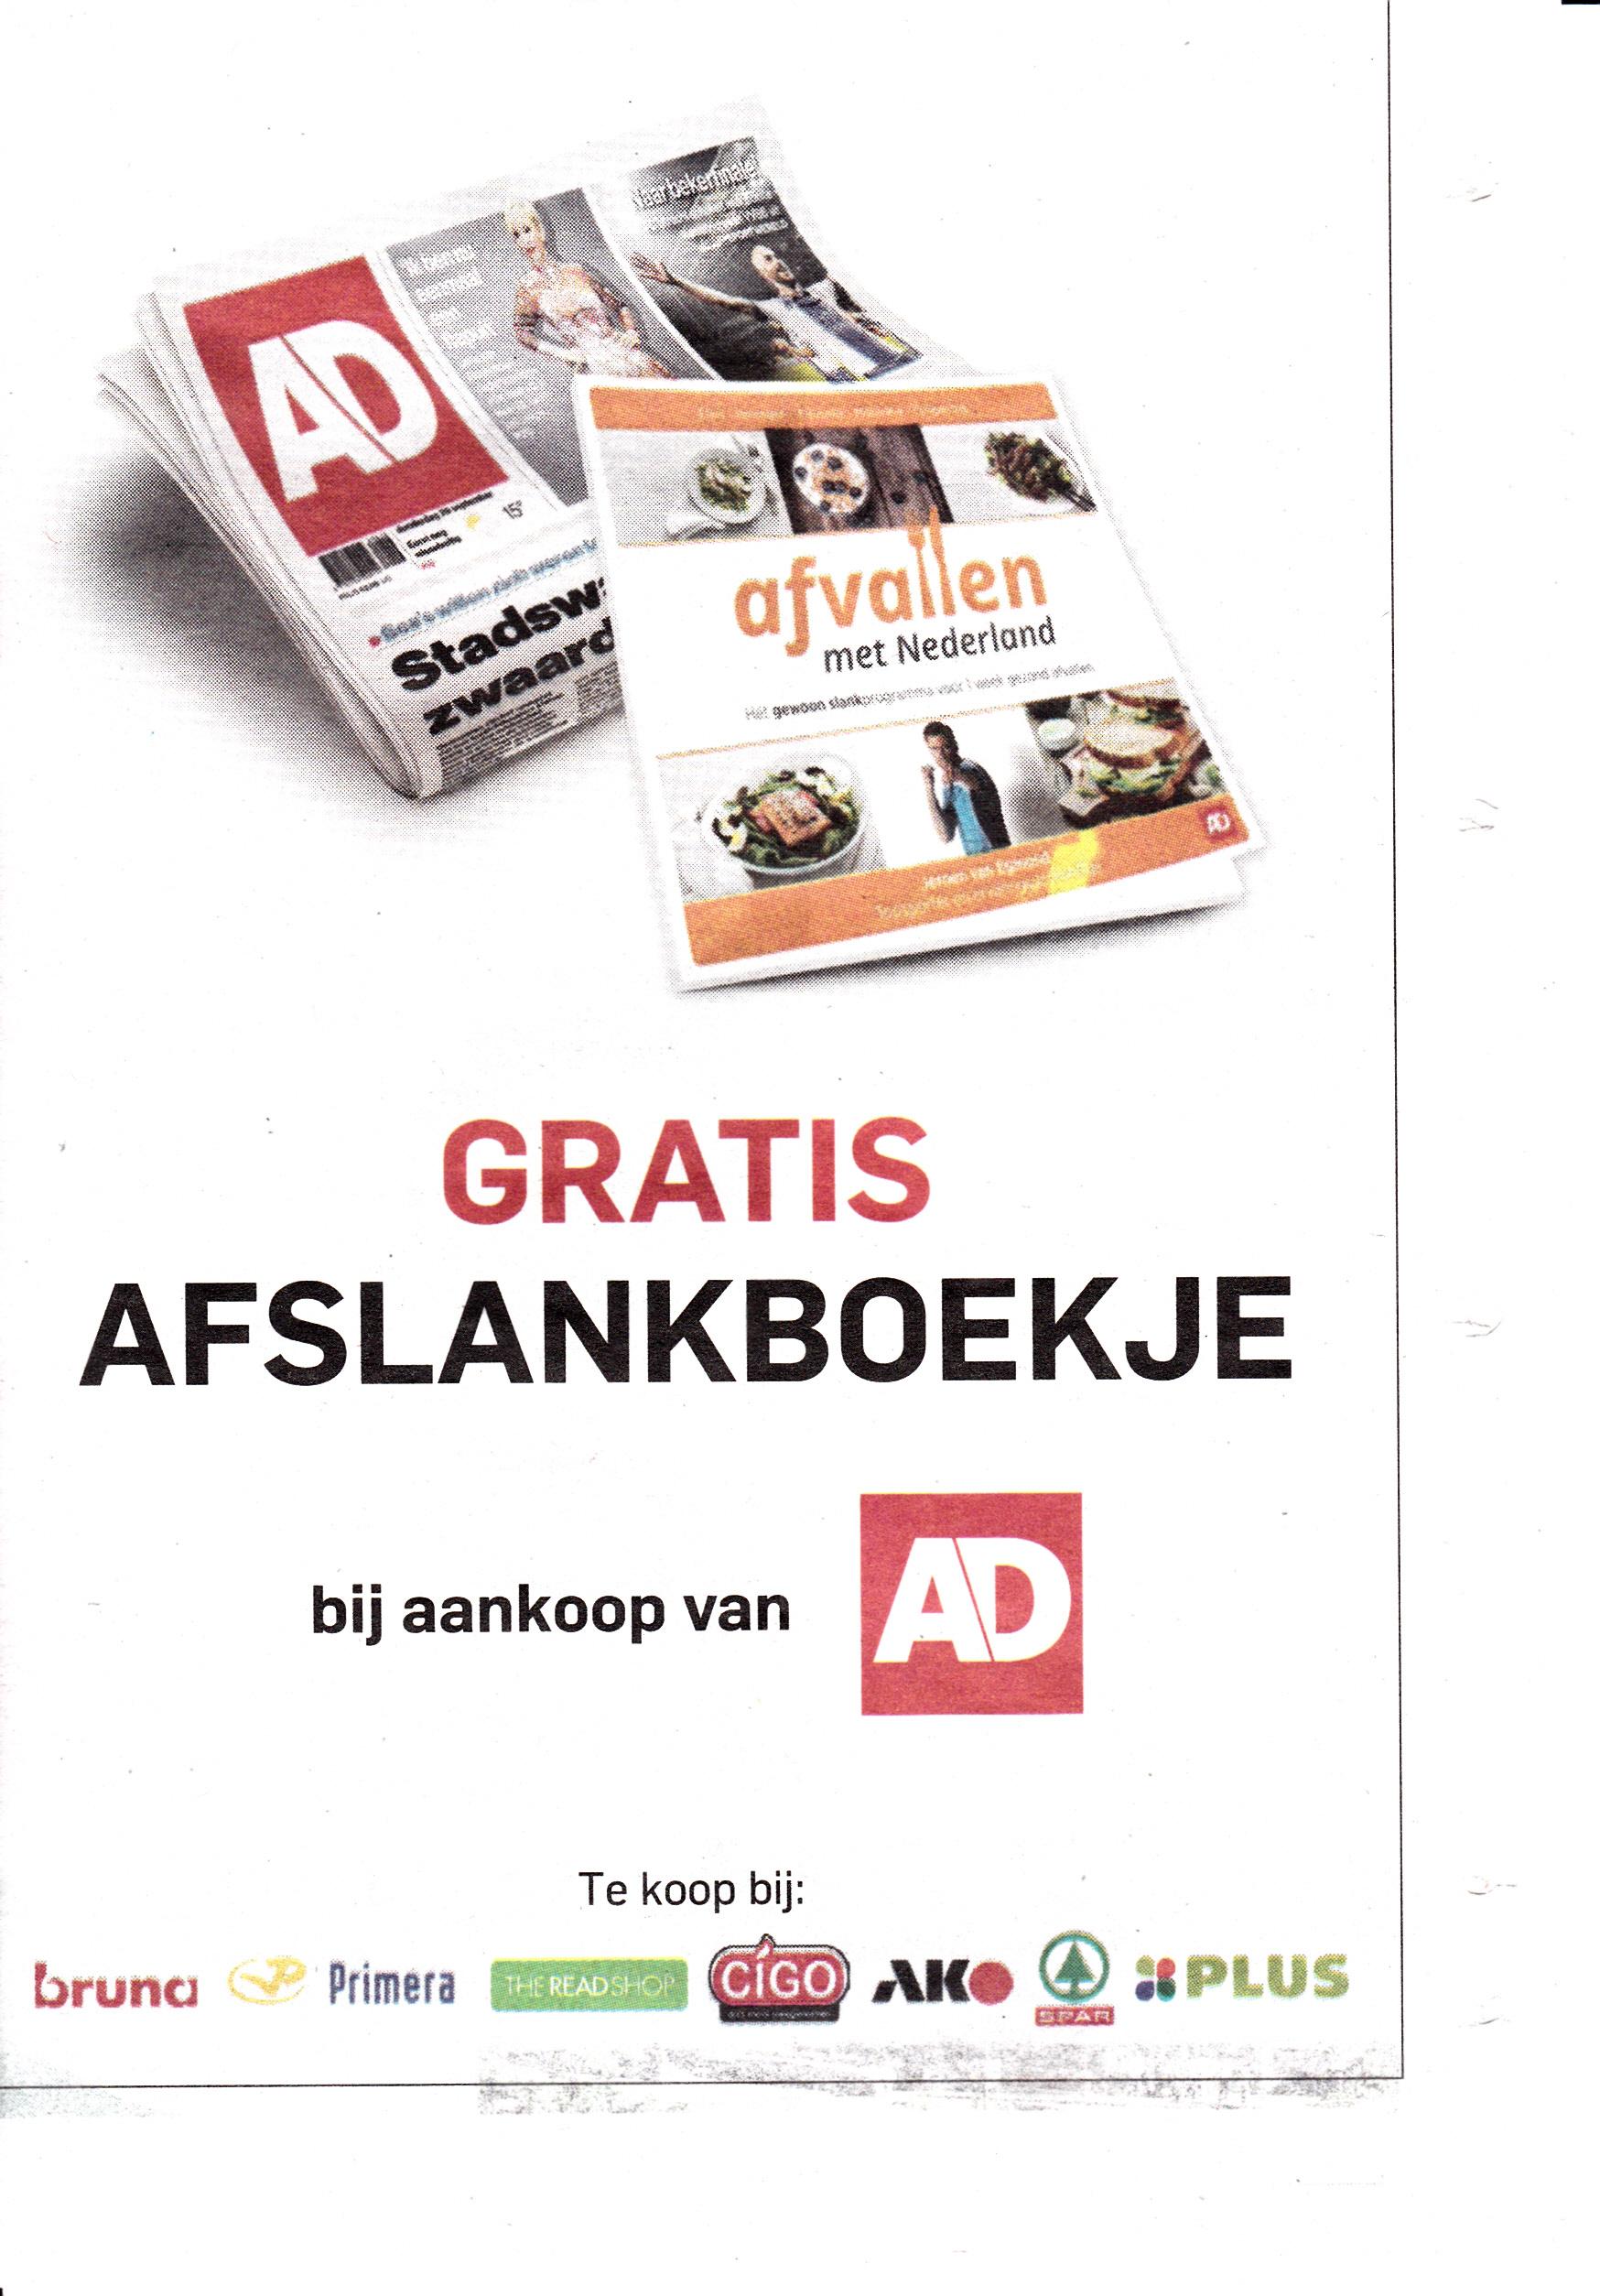 Gratis boekje Afvallen met Nederland bij aankoop AD